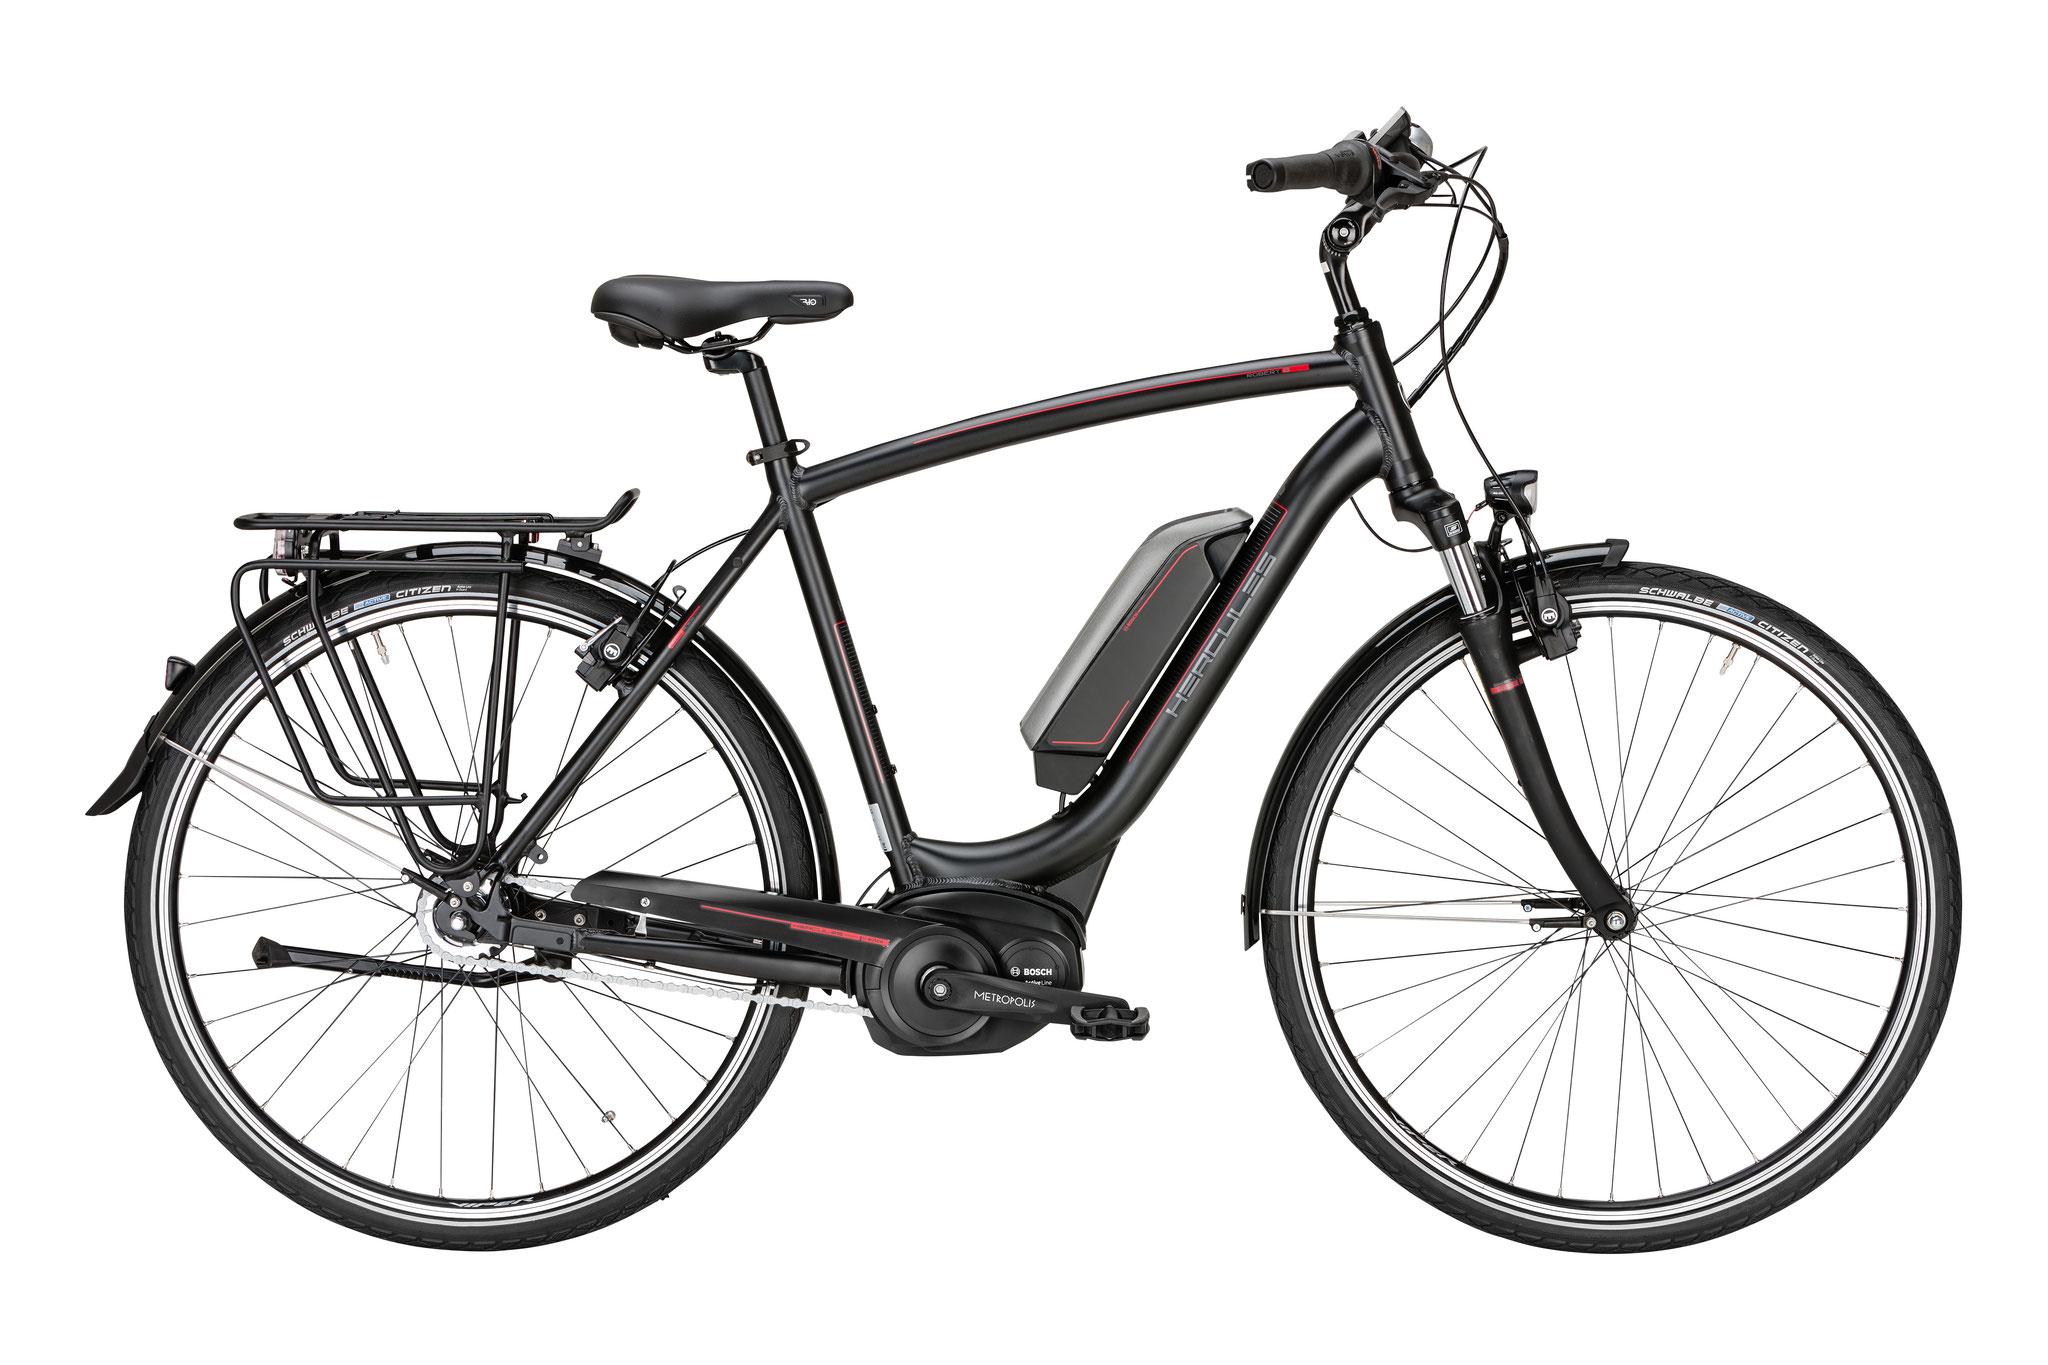 e-Bike Diamantrahmen Hercules Roberta